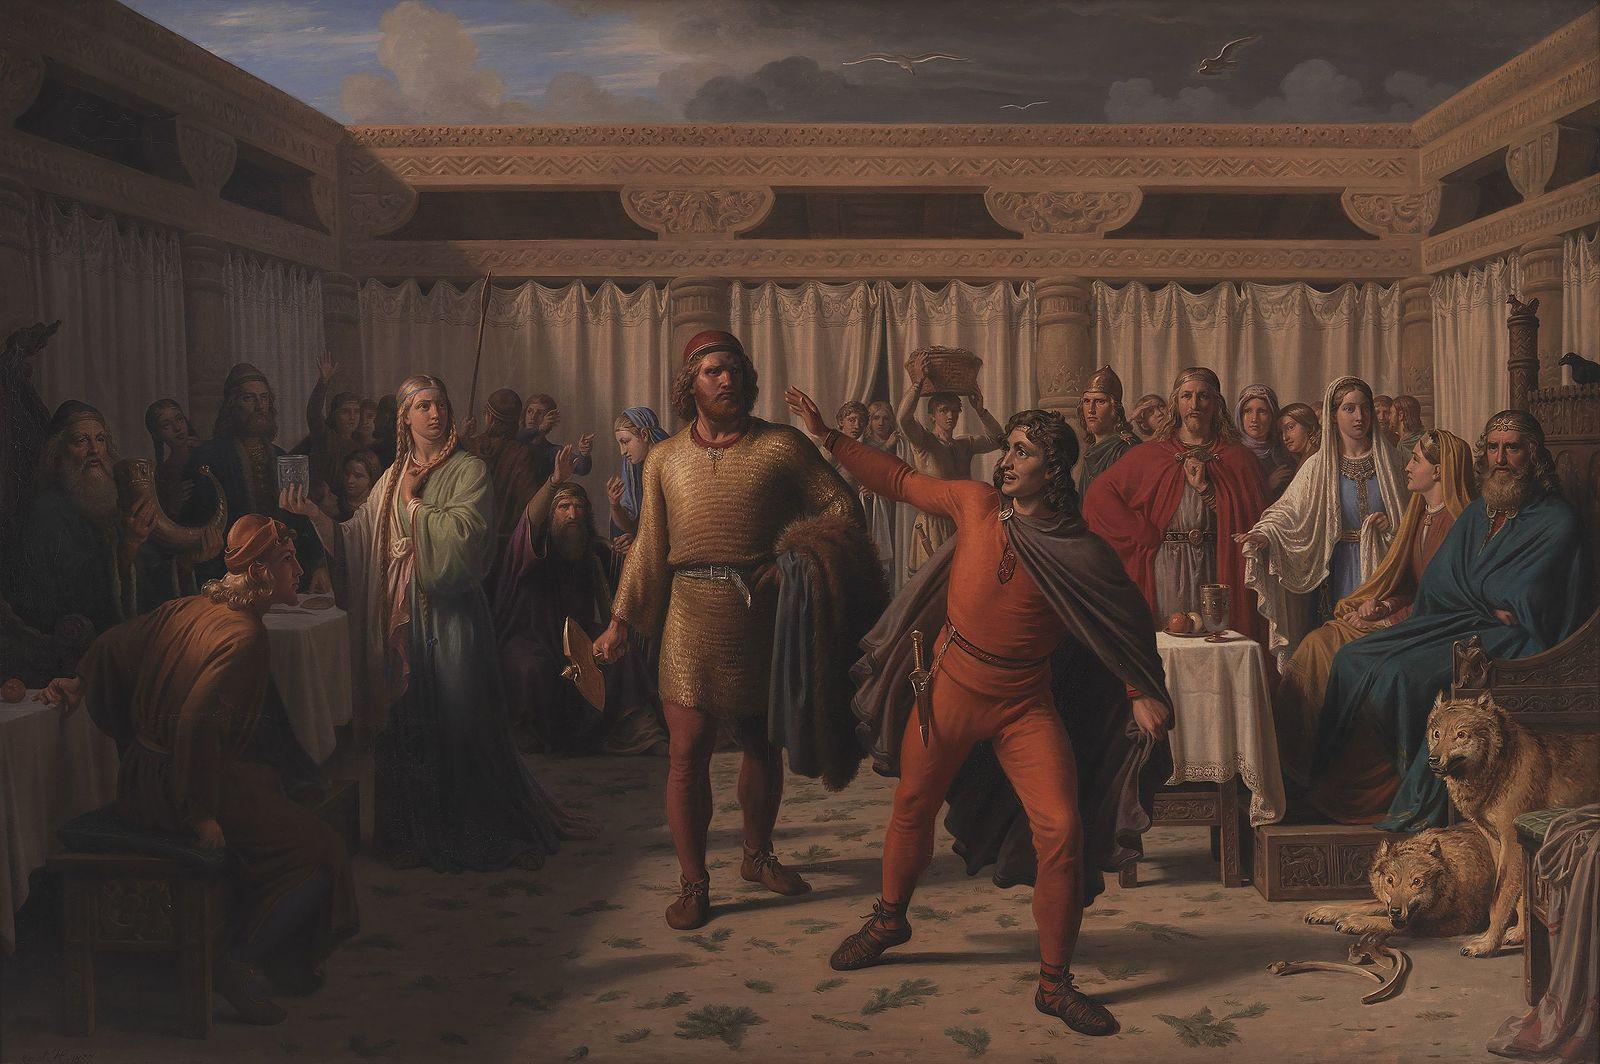 Constantin_Hansen,_Ægirs_gæstebud,_1857,_KMS939,_SMK